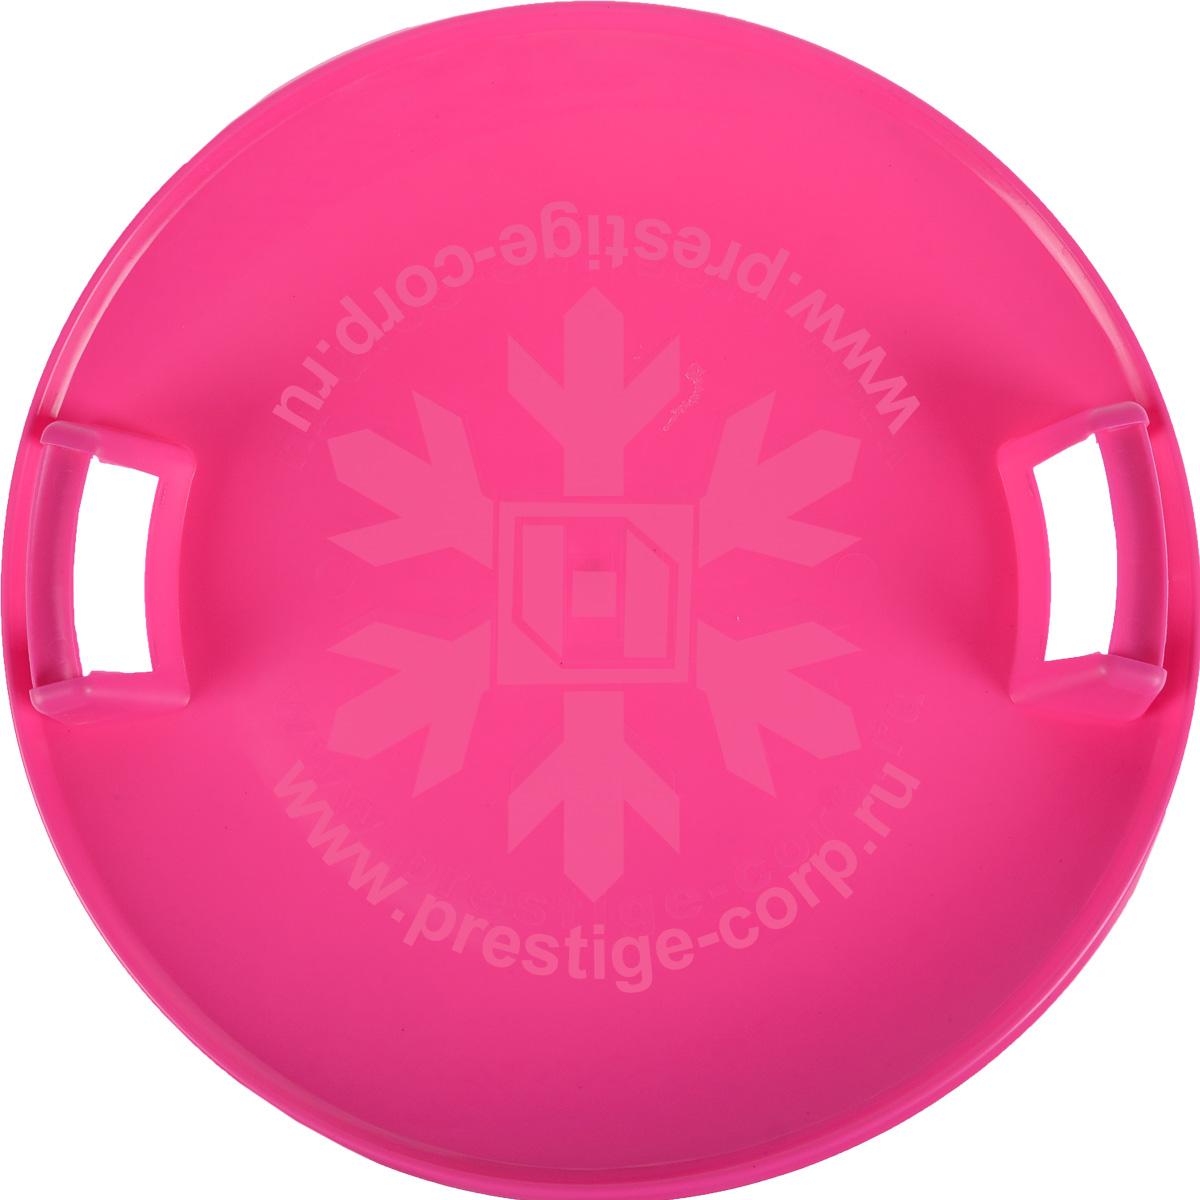 Санки-ледянки Престиж Экстрим, с пластиковыми ручками, увет: розовый, диаметр 58 смХот ШейперсЛюбимая детская зимняя забава - это катание с горки. Яркие санки-ледянки Престиж Экстрим станут незаменимым атрибутом этой веселой детской игры. Санки-ледянки Престиж Экстрим - это специальная пластиковая тарелка, облегчающая скольжение и увеличивающая скорость движения по горке. Круглая ледянка выполнена из прочного морозоустойчивого пластика и снабжена двумя удобными ручками, чтобы катание вашего ребенка было безопасным. Отличная скорость, прочный материал и спуск, который можно закончить сидя спиной к низу горки - вот что может предоставить это изделие! Благодаря малому весу, ледянку, в отличие от обычных санок, легко нести с собой даже ребенку.